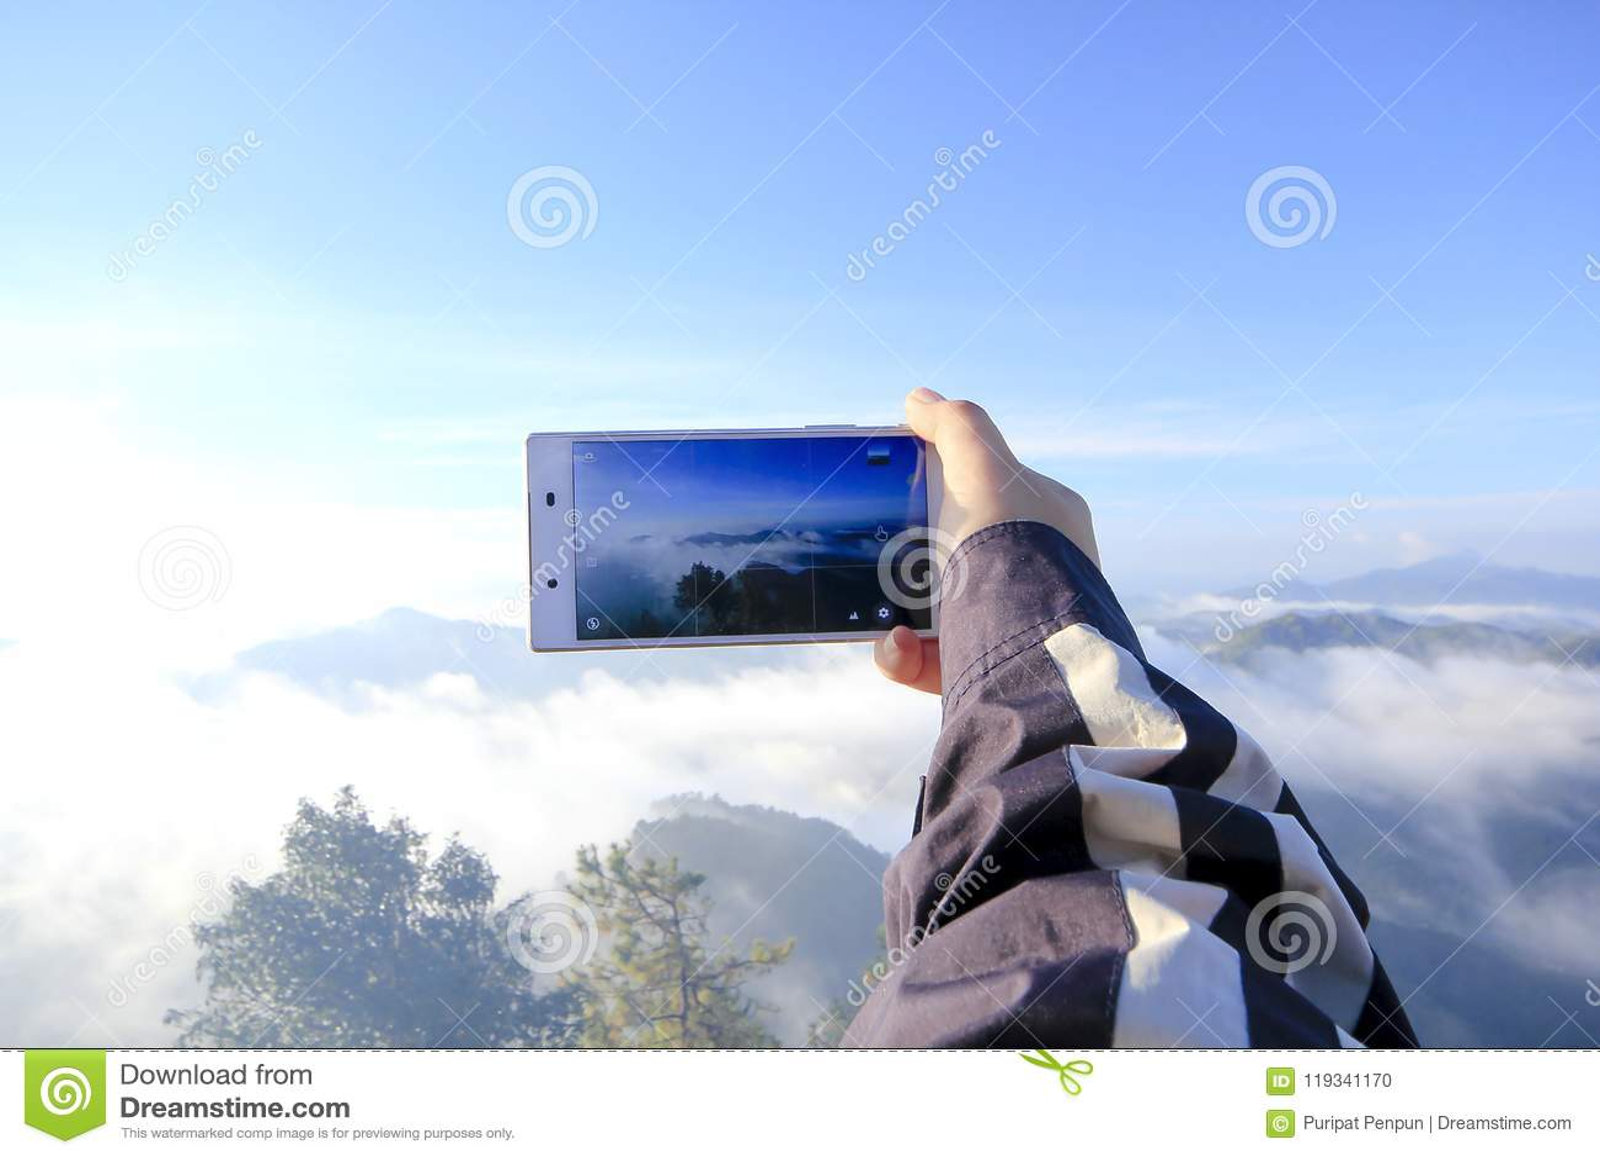 Immagini di vista sul telefono